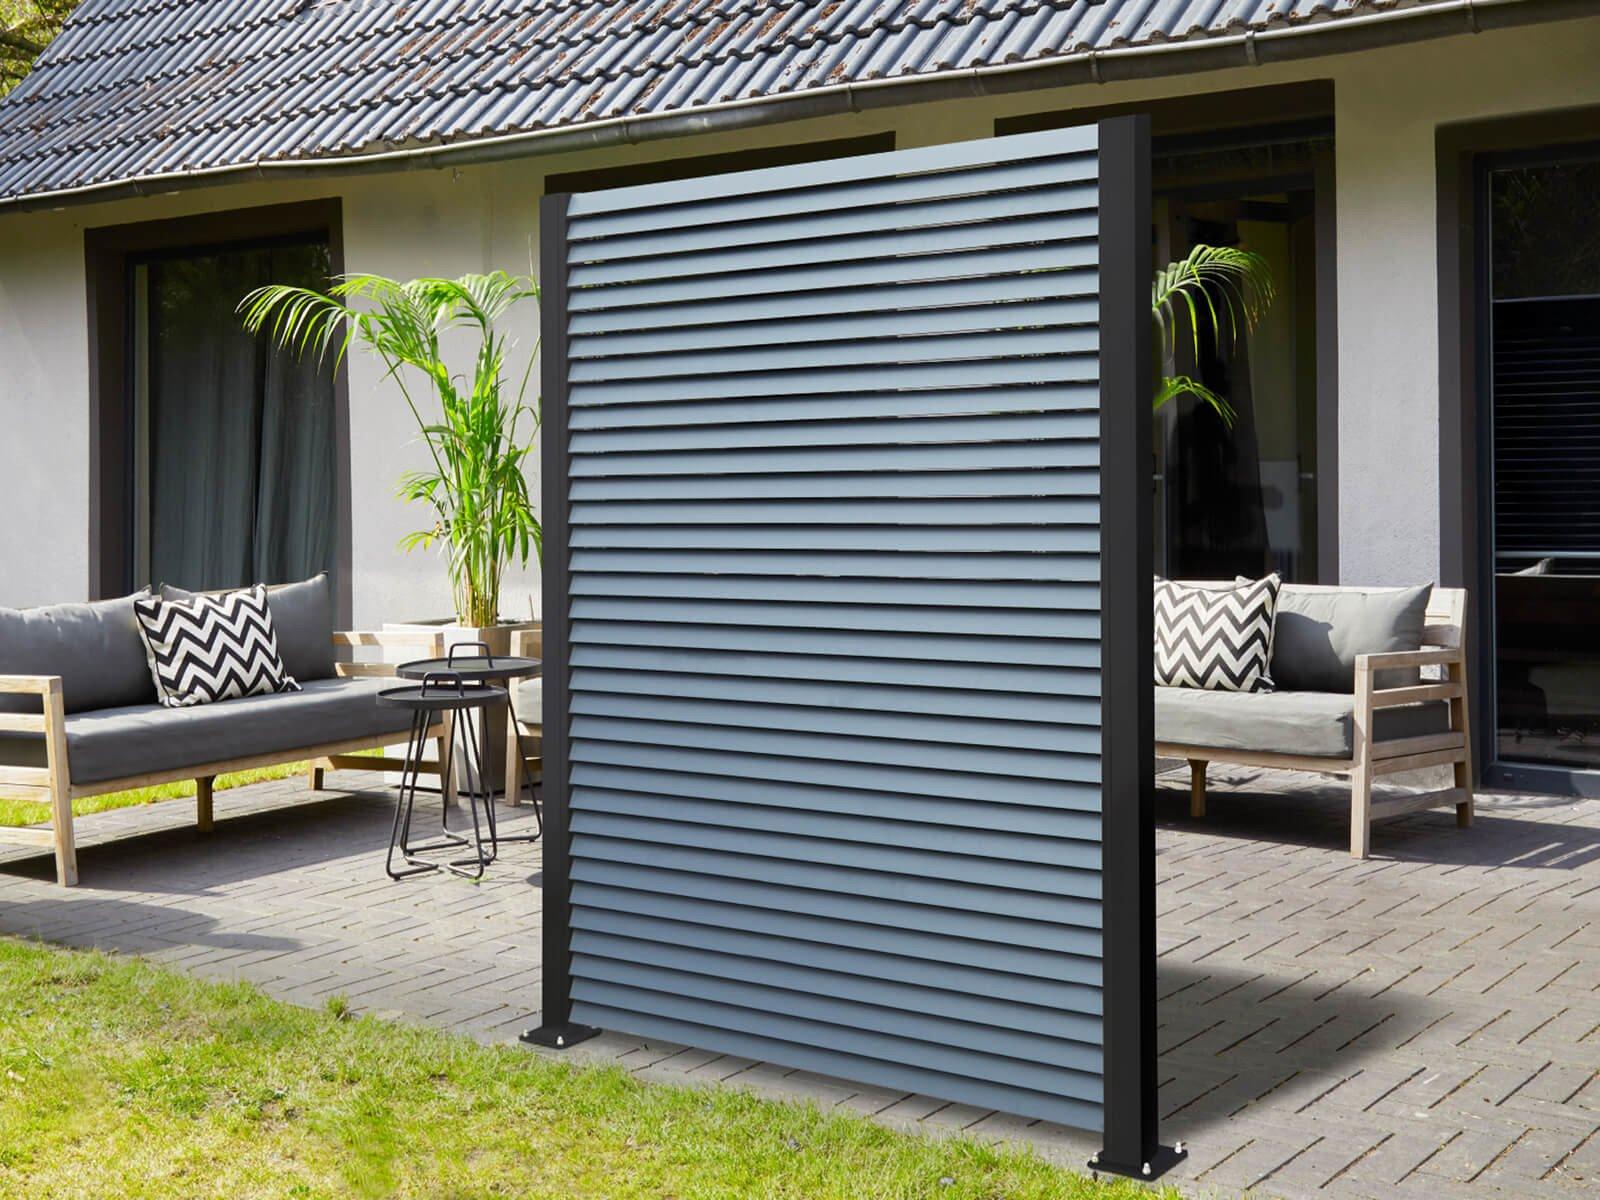 Lamellenzaun Porto in schwarz moderner Industrial Look für Garten und Terrasse